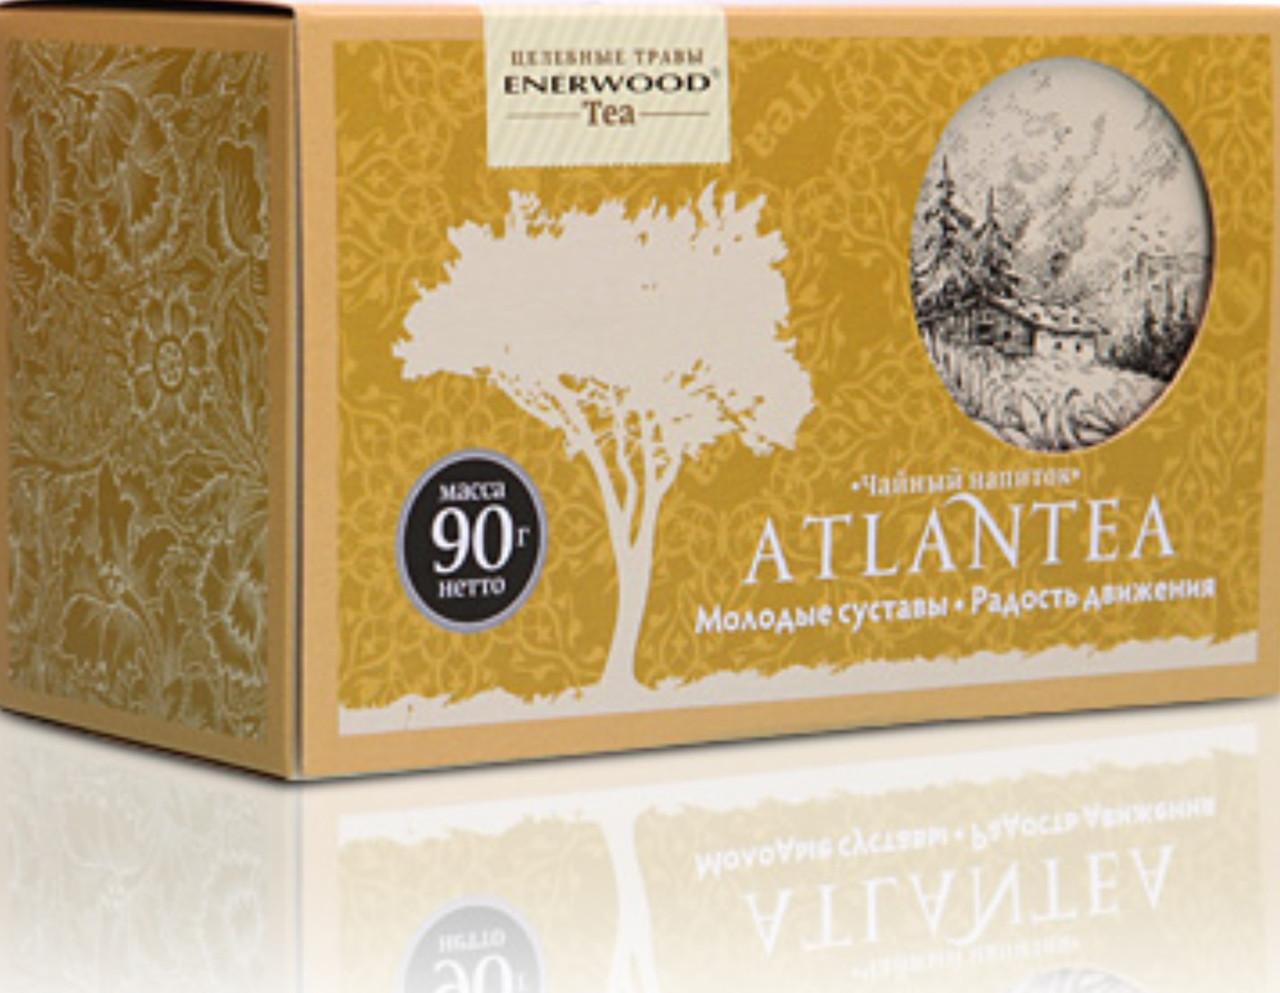 Atlantea Чайный напиток для укрепления суставов